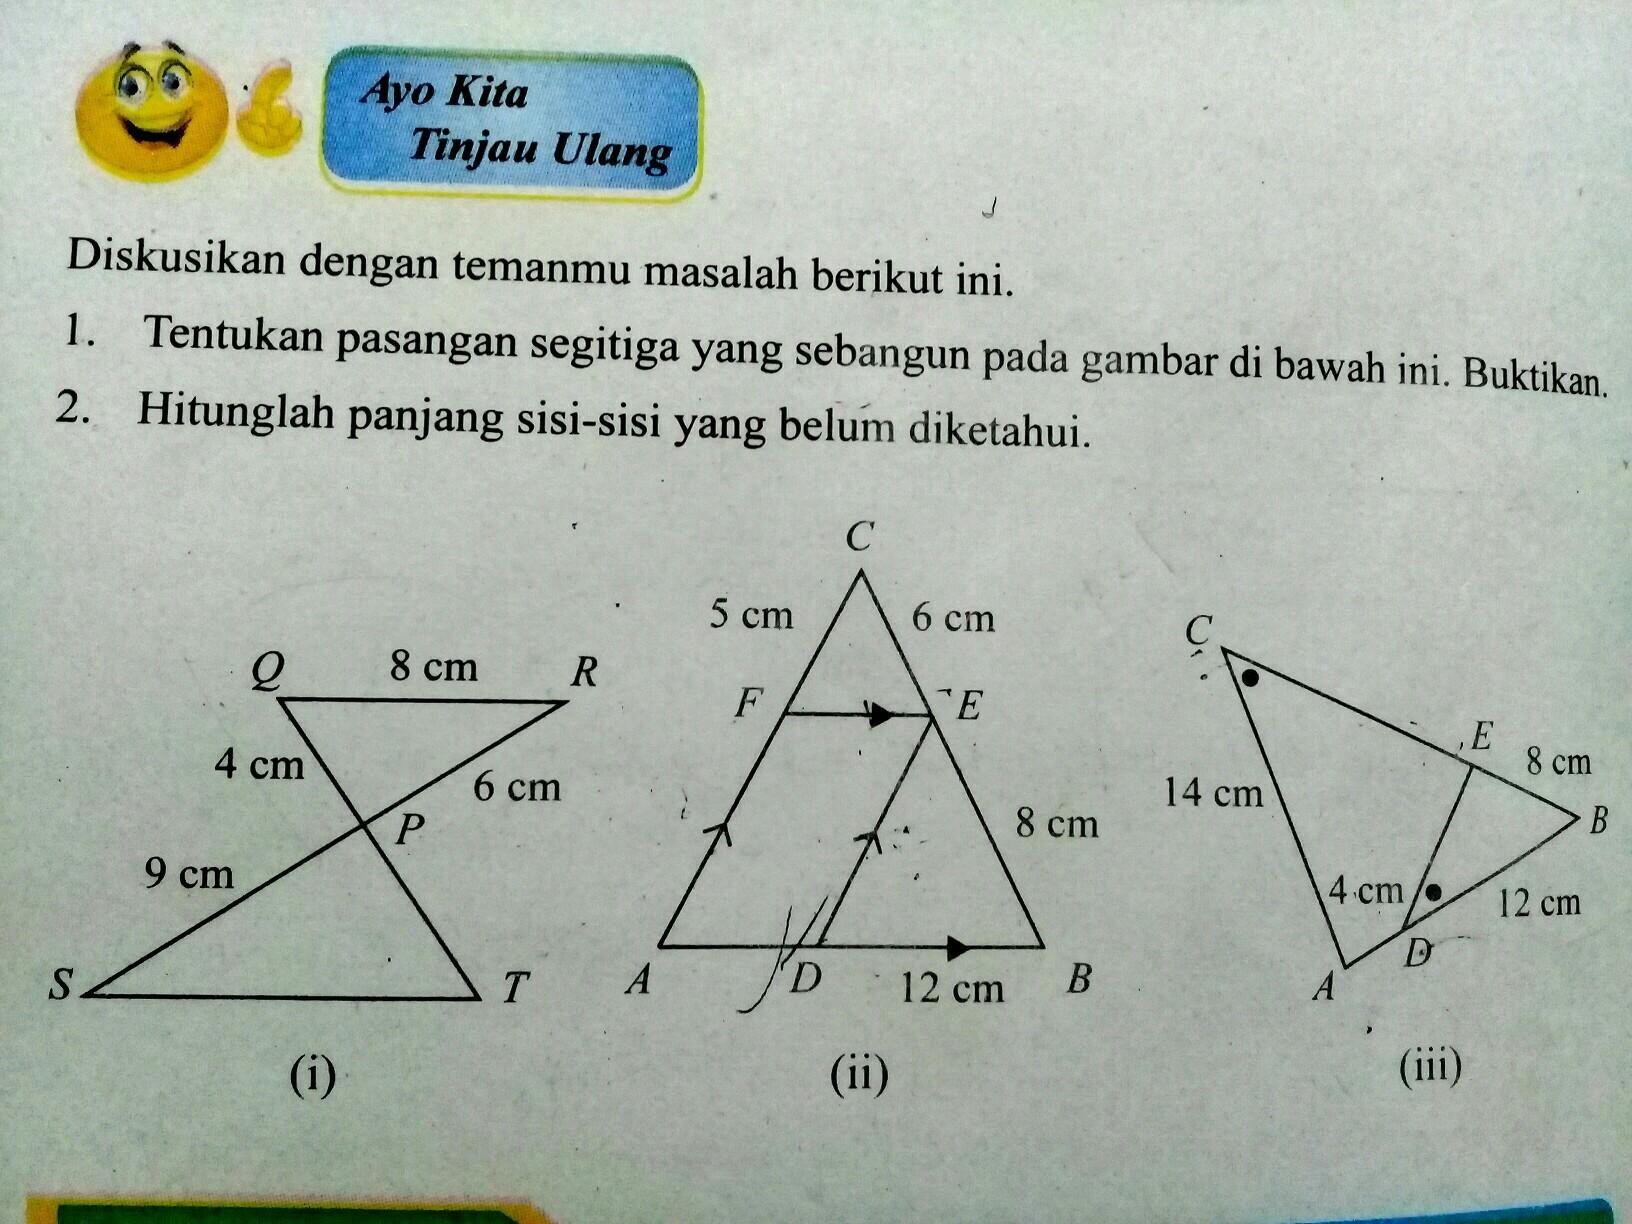 1. Tentukan pasangan segitiga yang sebangun pada gambar ...